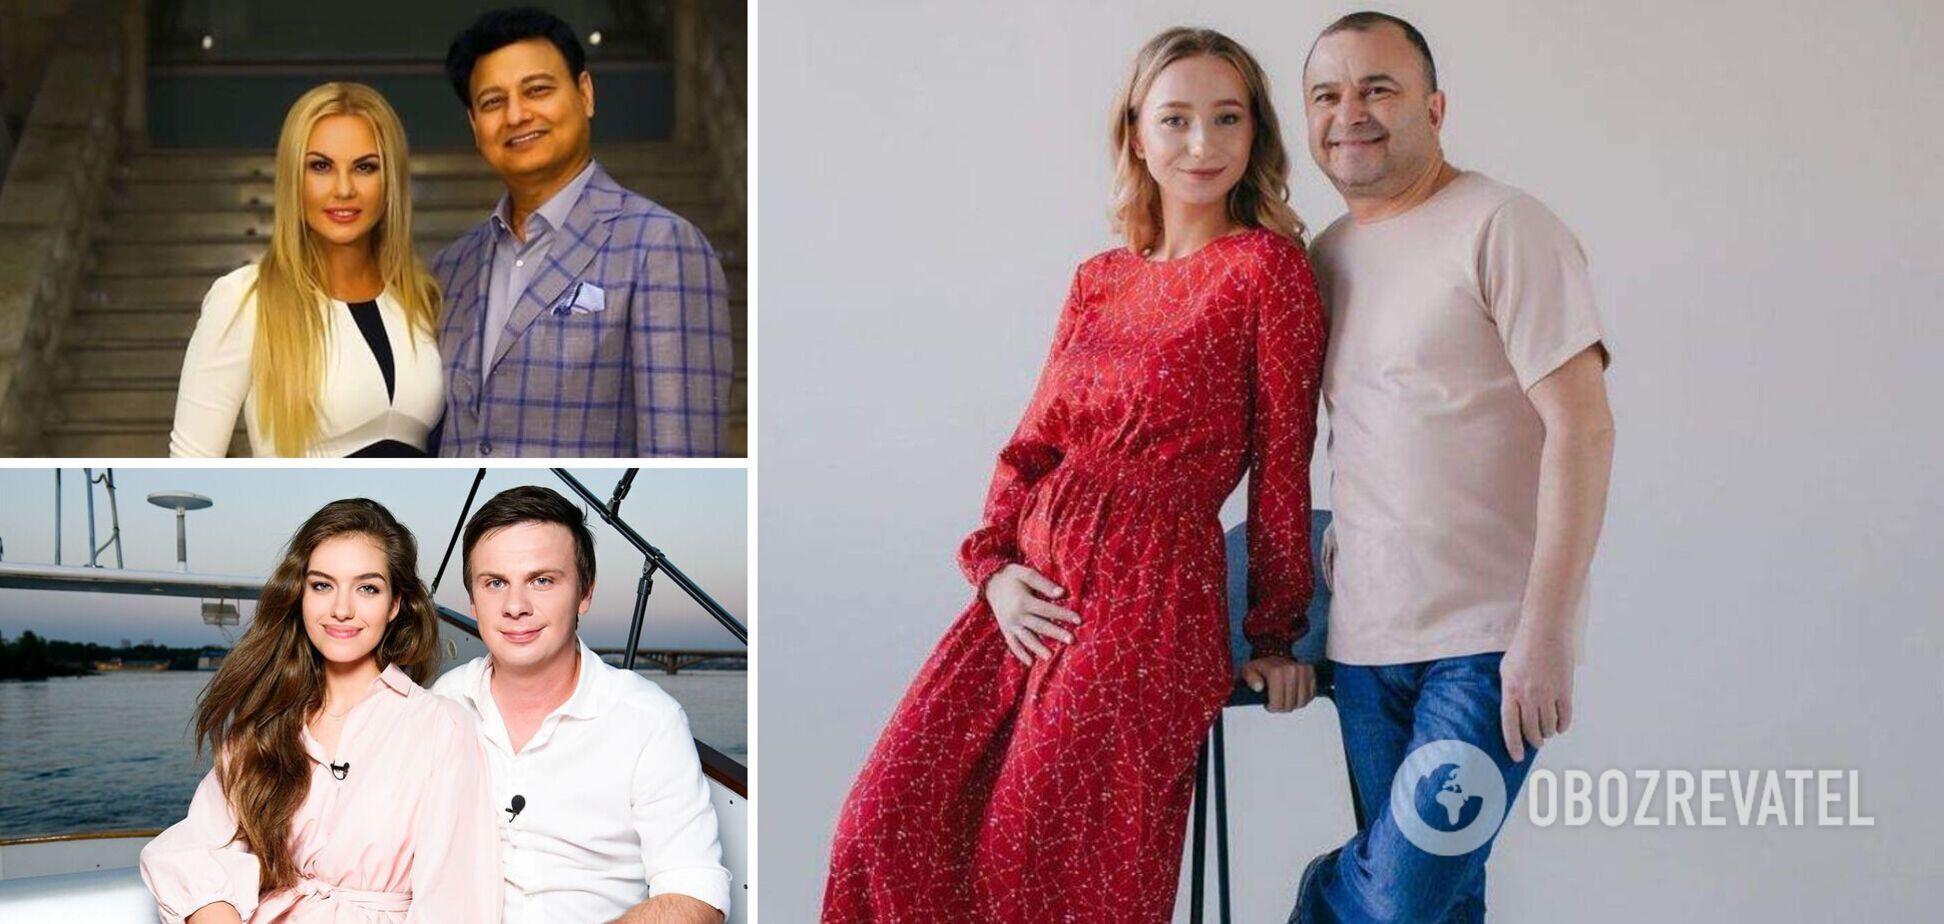 В шоу-бизнесе многие пары с разницей в возрасте